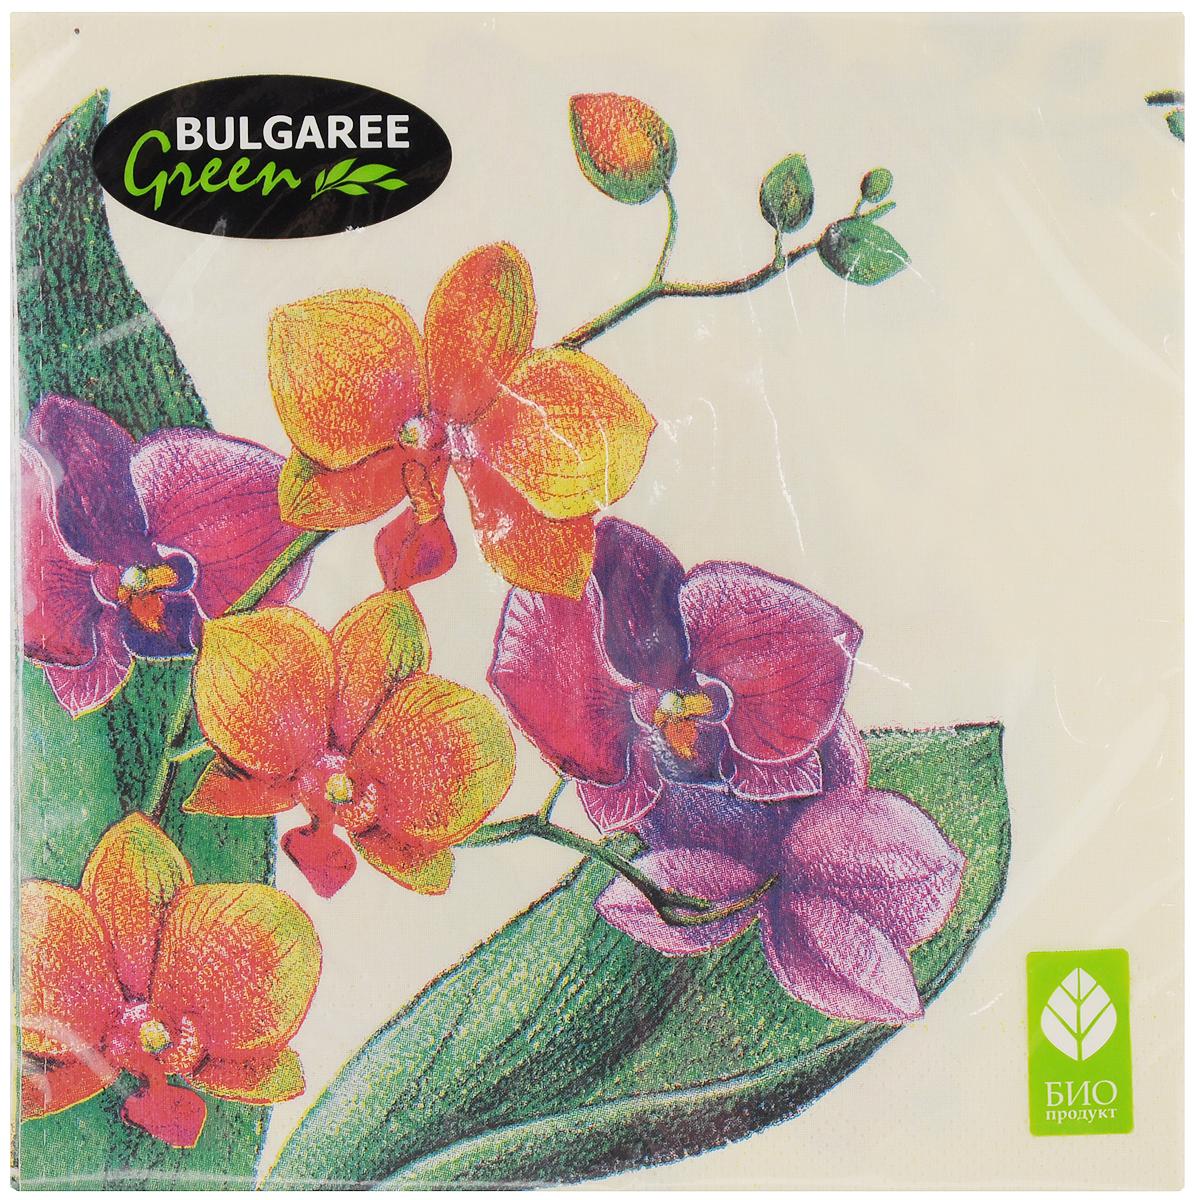 Салфетки бумажные Bulgaree Green Орхидея, трехслойные, 33 х 33 см, 20 шт1002313Трехслойные салфетки Bulgaree Green Орхидея выполнены из 100% целлюлозы и оформлены красивым рисунком. Изделия станут отличным дополнением любого праздничного стола. Они отличаются необычной мягкостью, прочностью и оригинальностью. Размер салфеток в развернутом виде: 33 х 33 см.